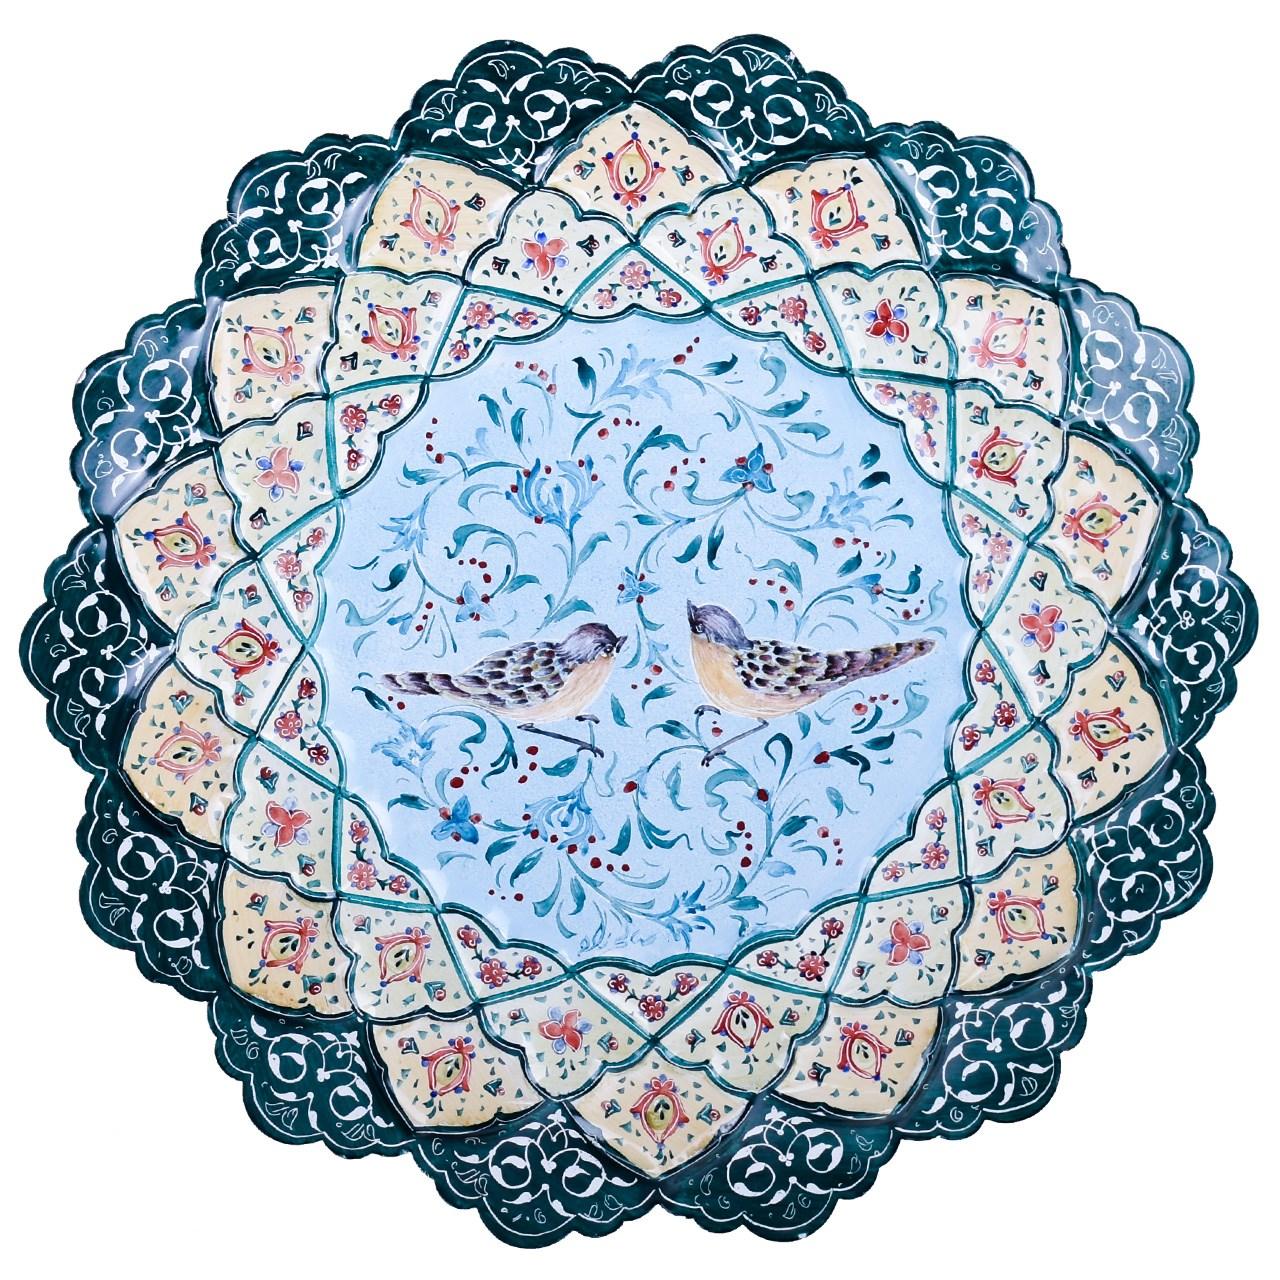 بشقاب مسی میناکاری اثر صالحی زاده طرح دریاچه مدل 00-30 قطر 30 سانتی متر